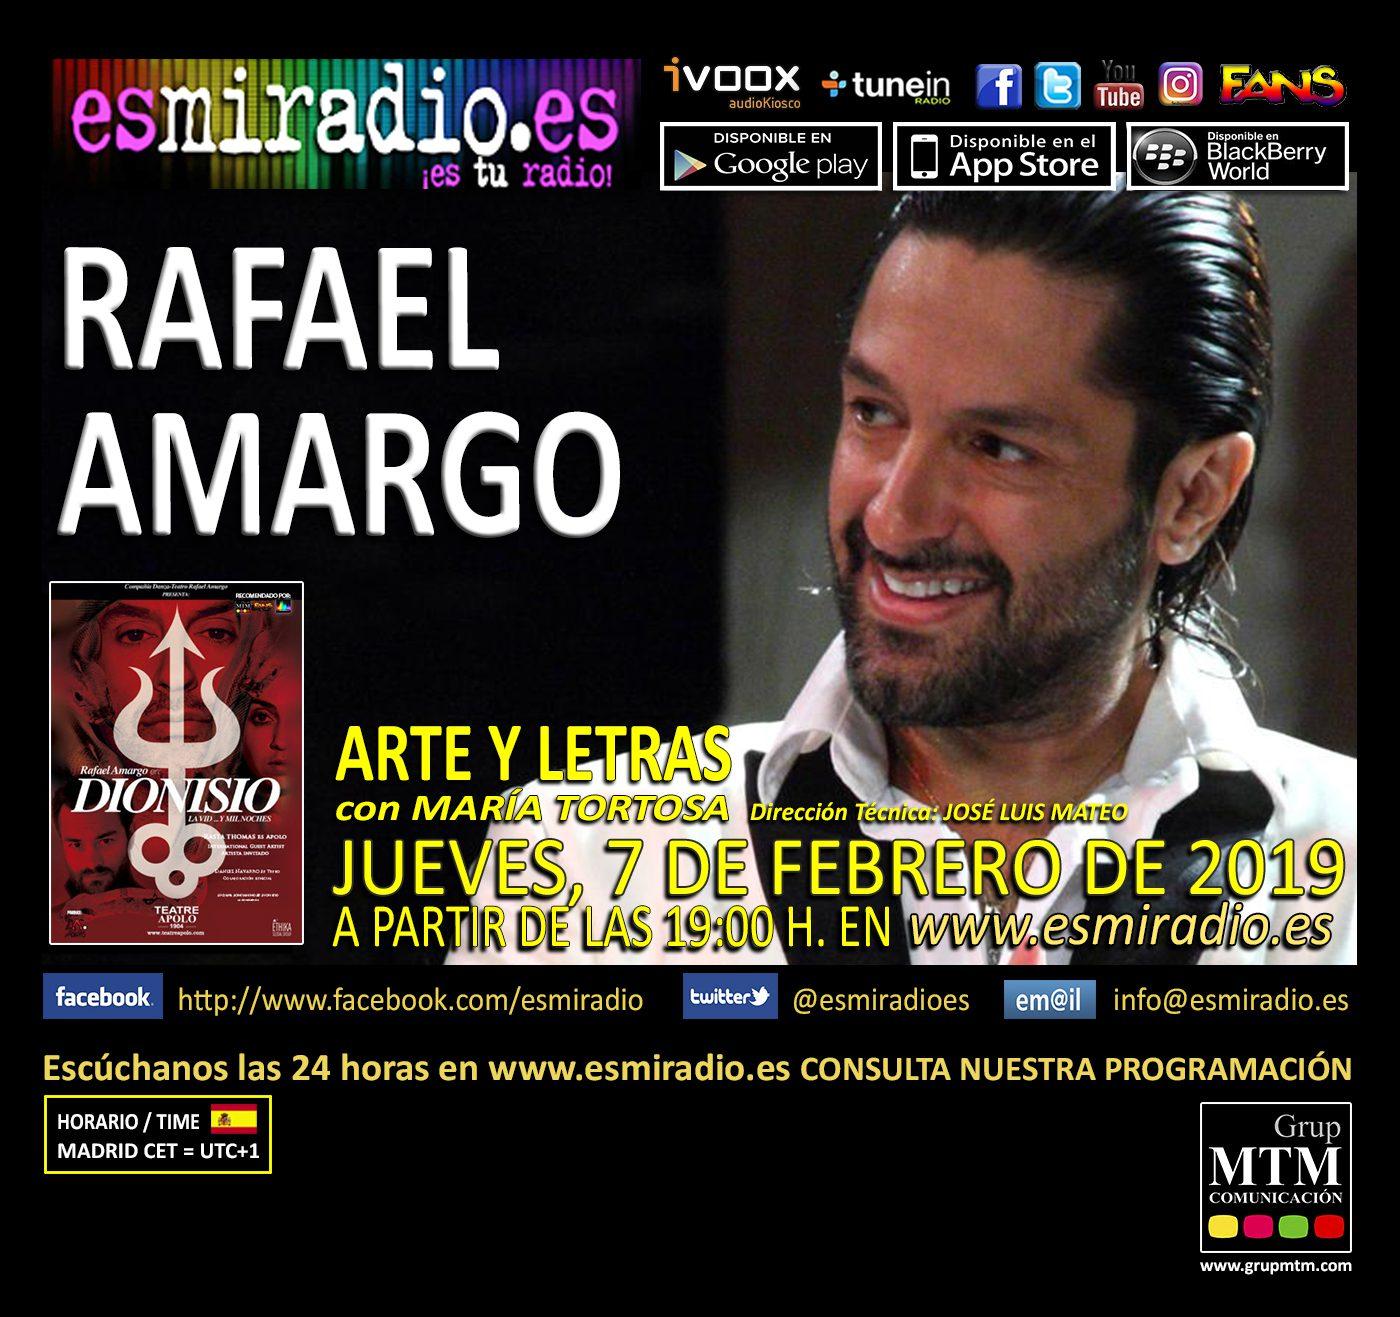 Rafael Amargo 070219 esmiradio - 19h